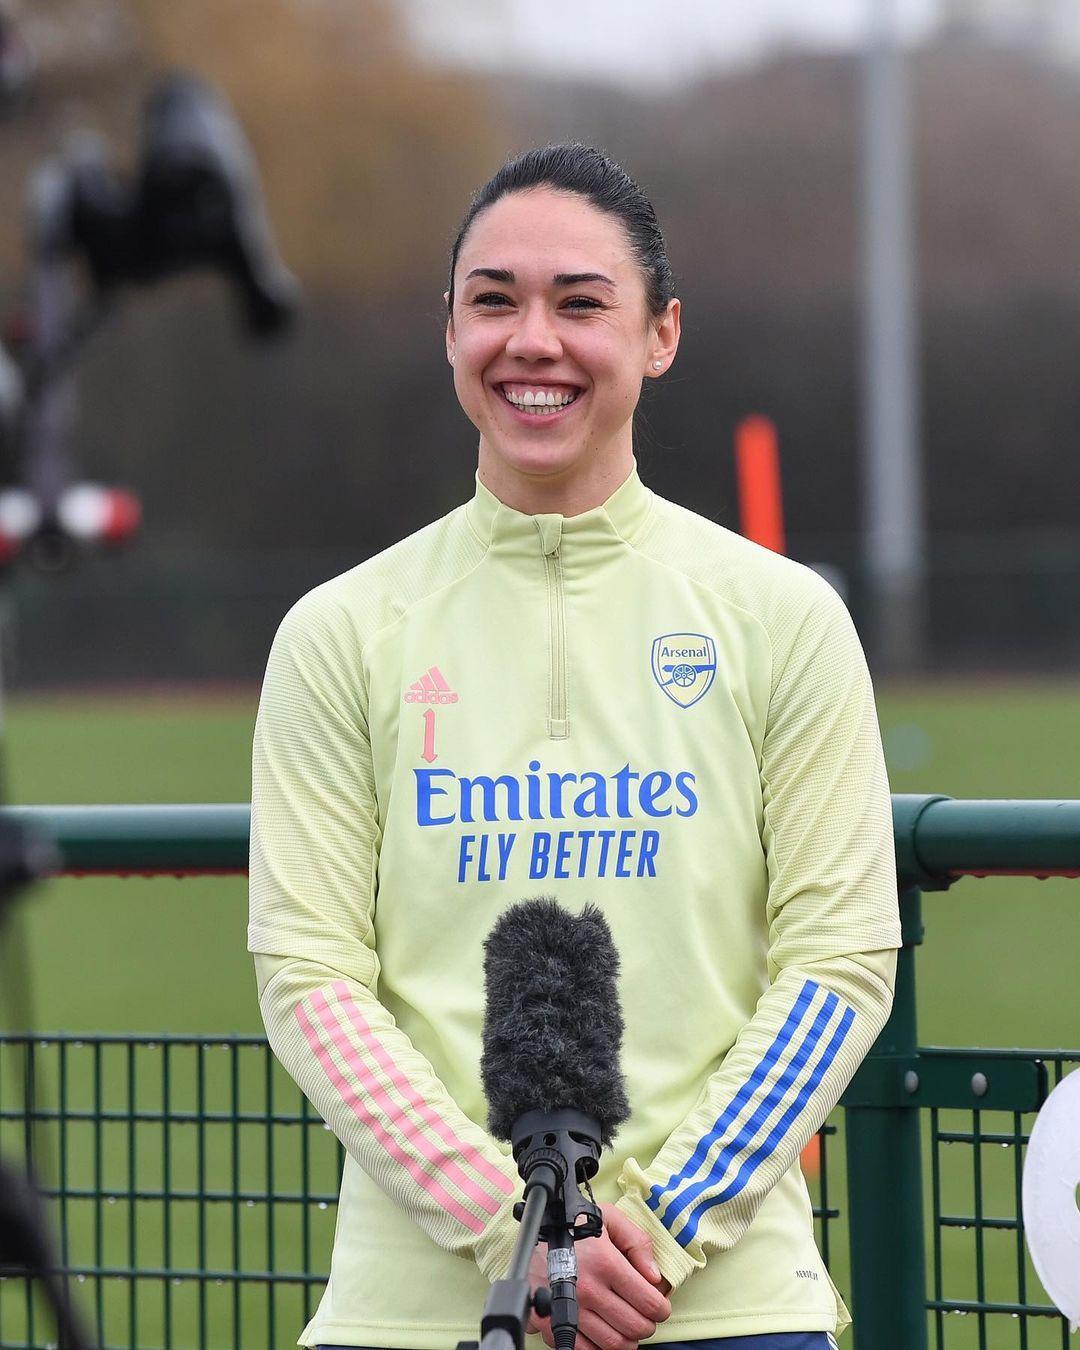 Манчестер Сити, женский футбол, сборная Австрии жен, Арсенал, девушки и спорт